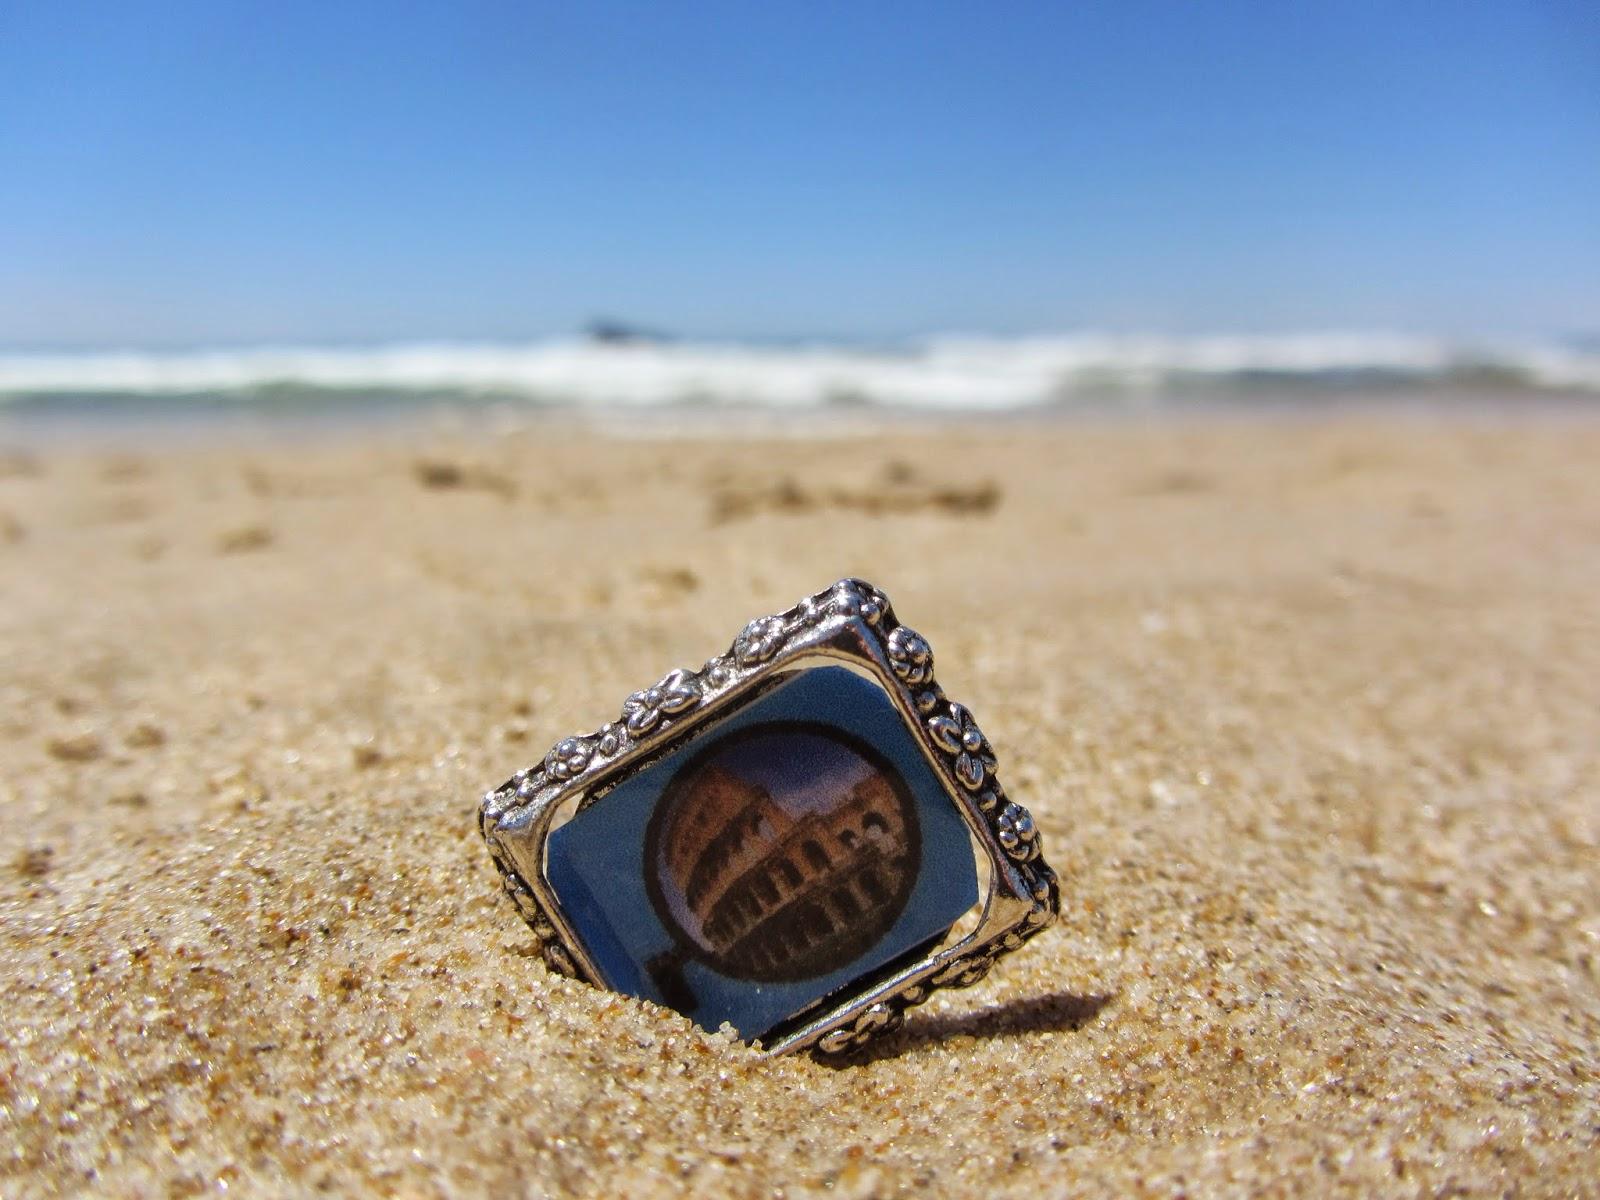 Extensas playas con arena limpia y fina.